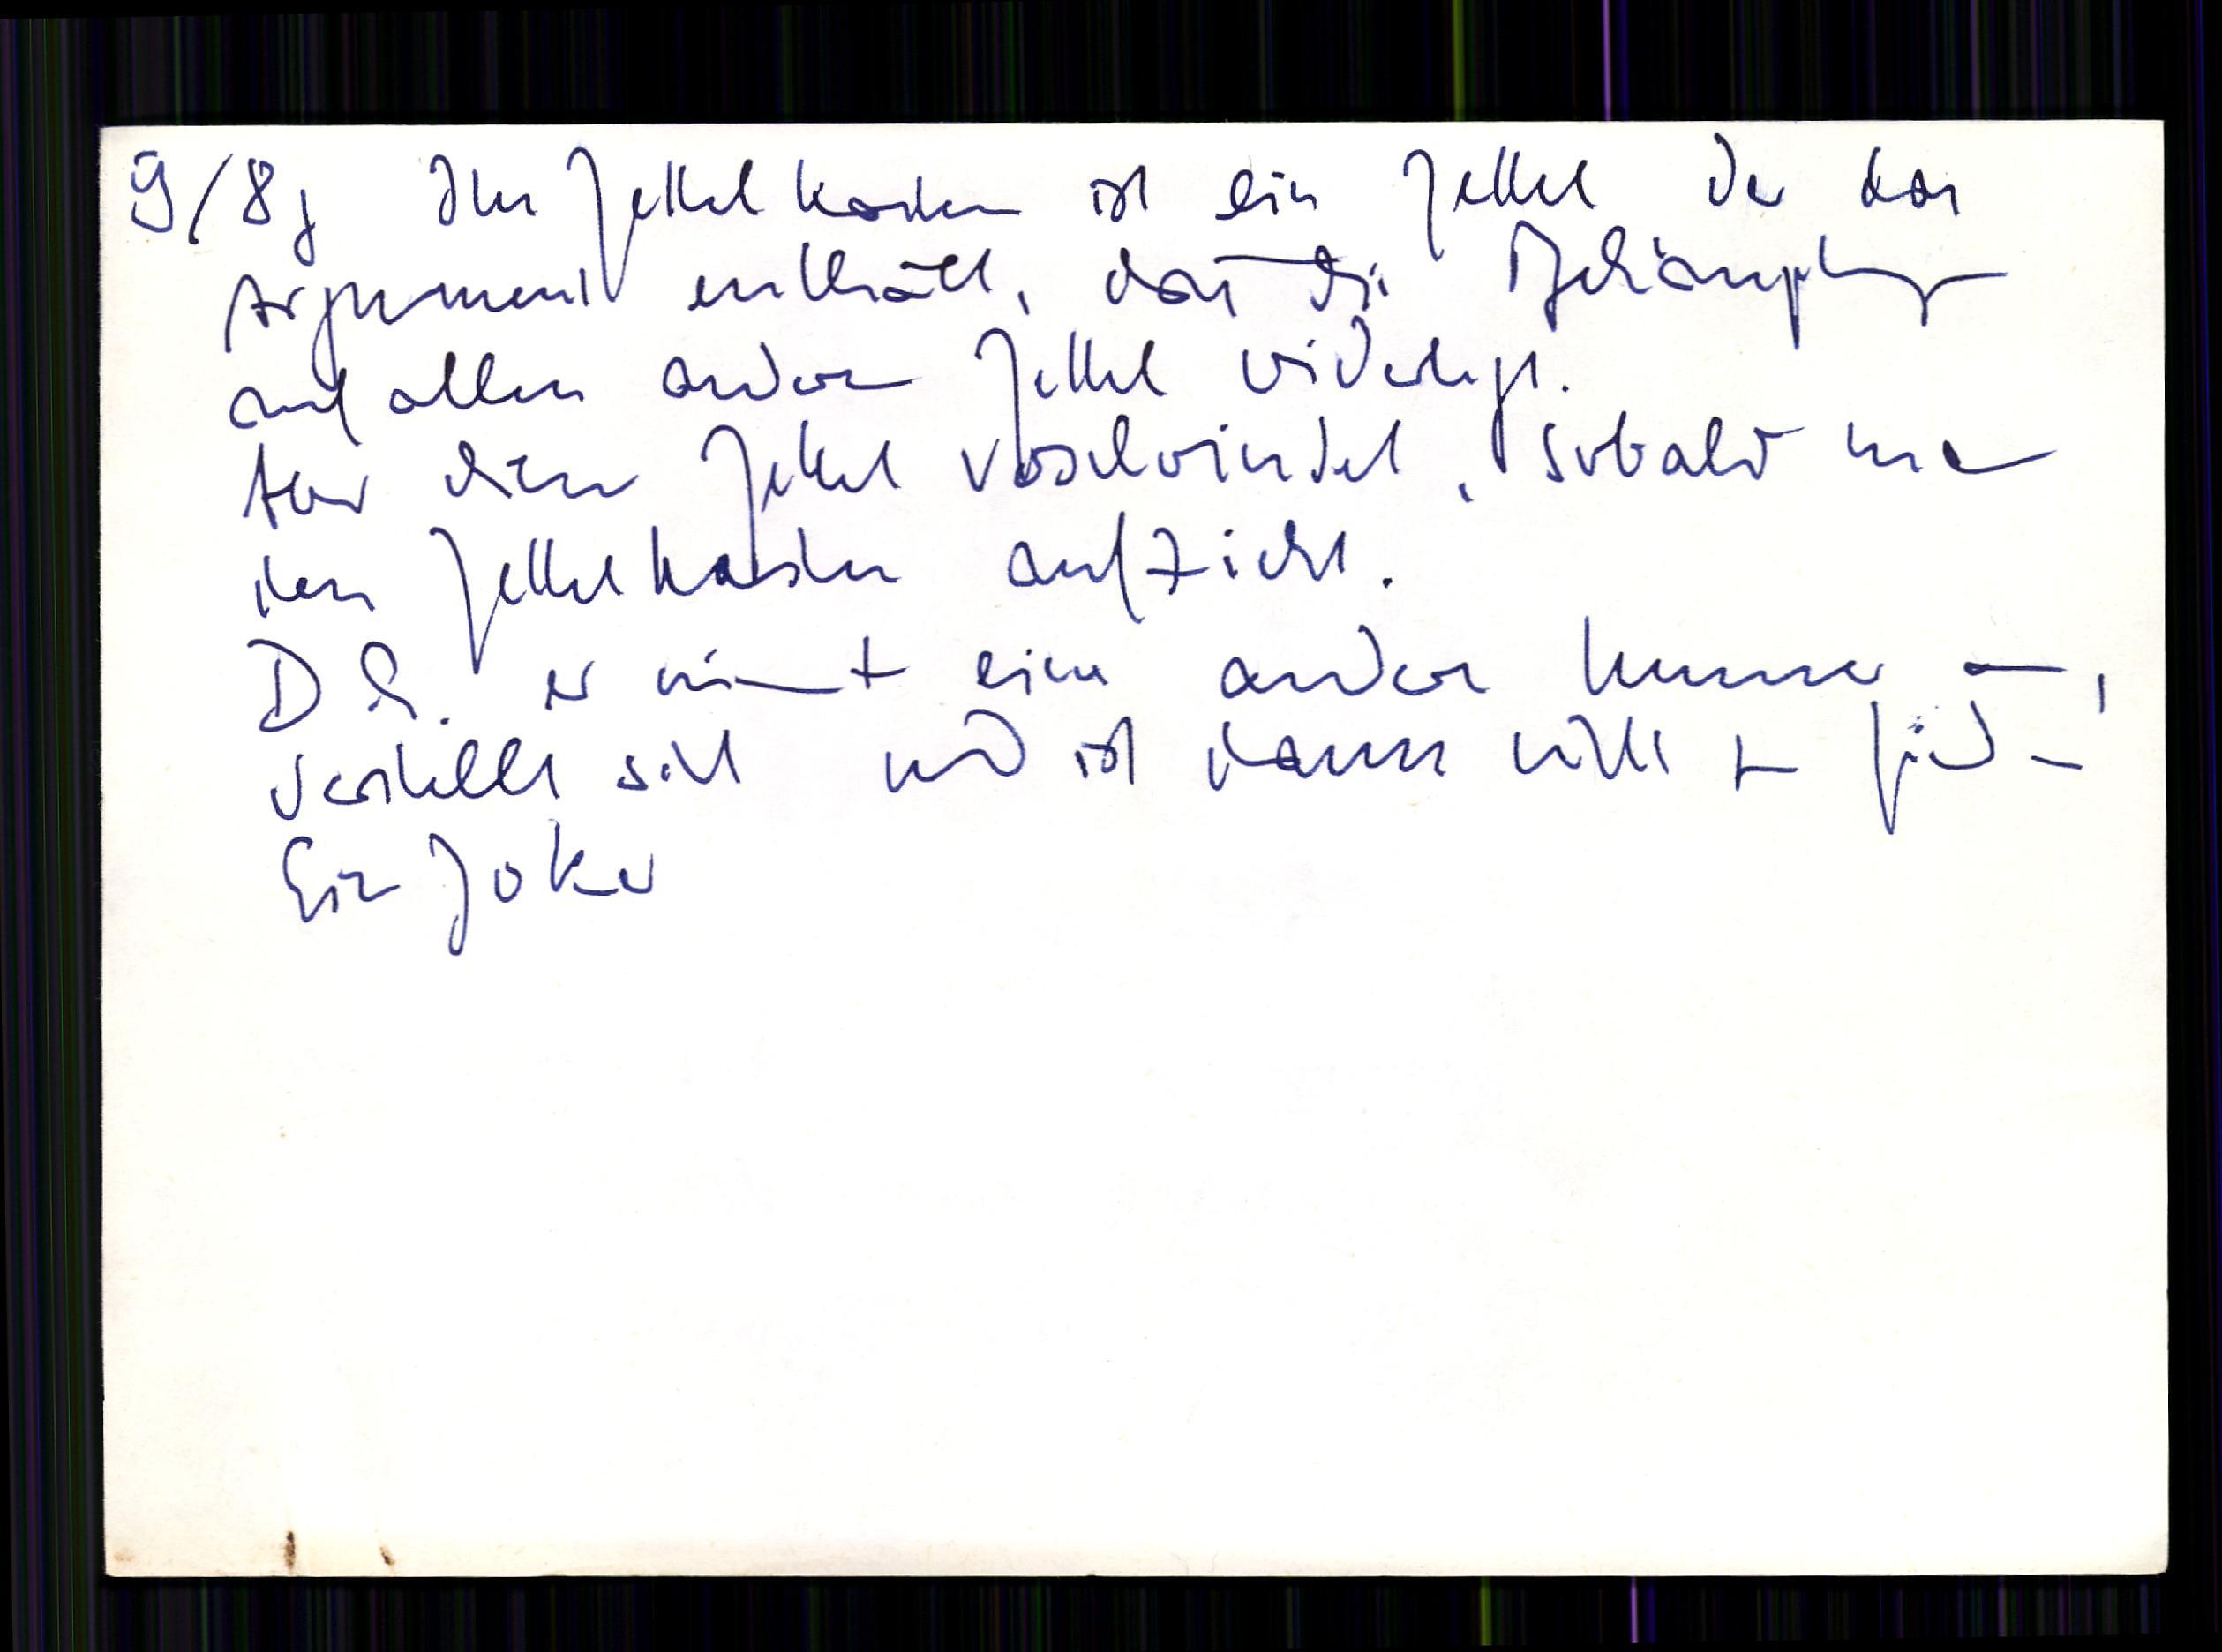 В номере карточки тема отделена наклонной чертой — это заметка из второй коллекции